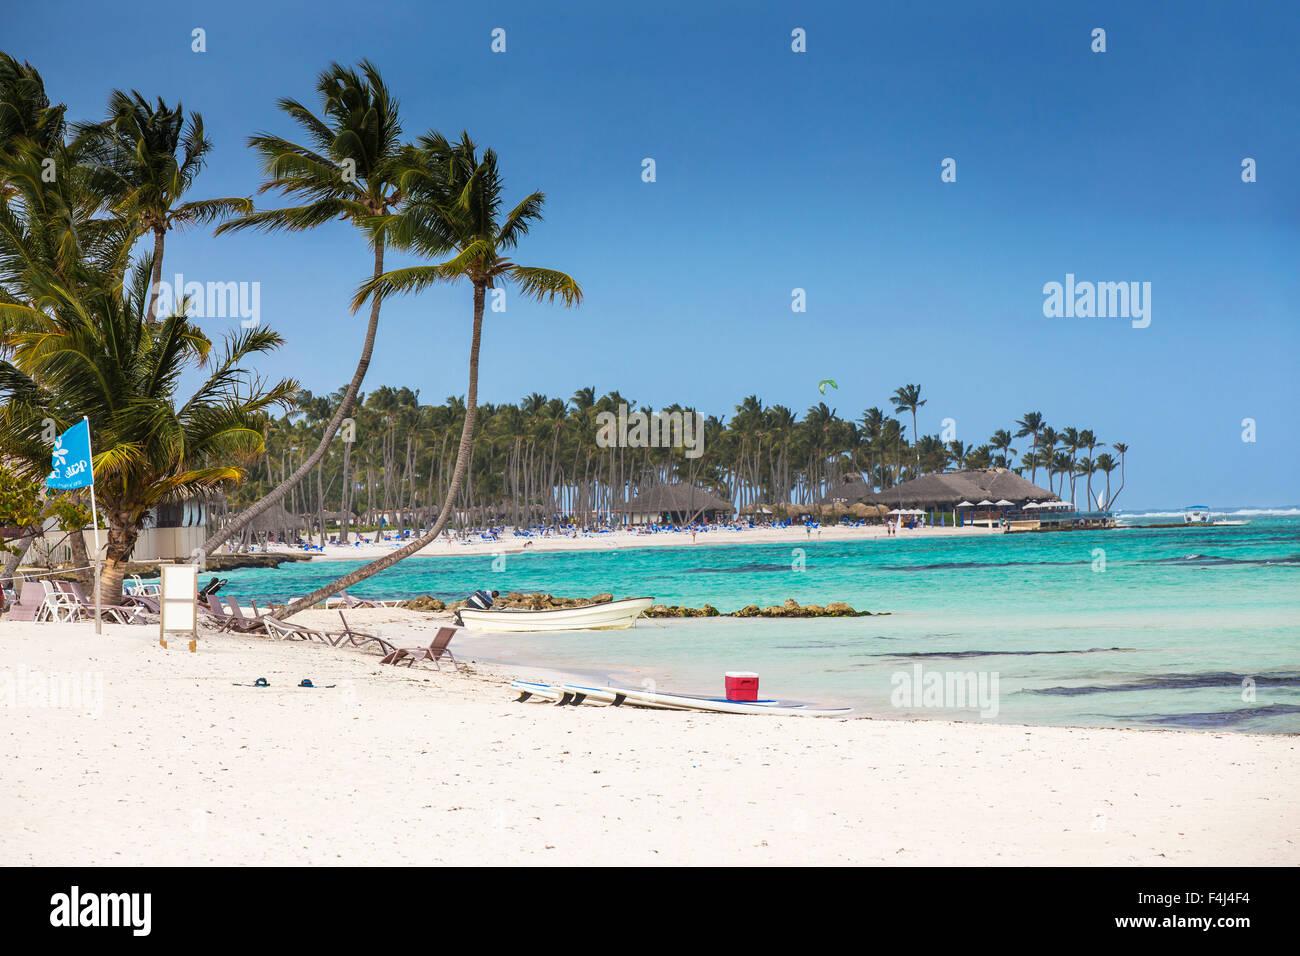 Kitesurf en la playa Kite Club, Playa Blanca, Punta Cana, República Dominicana, Antillas, Caribe, América Central Foto de stock